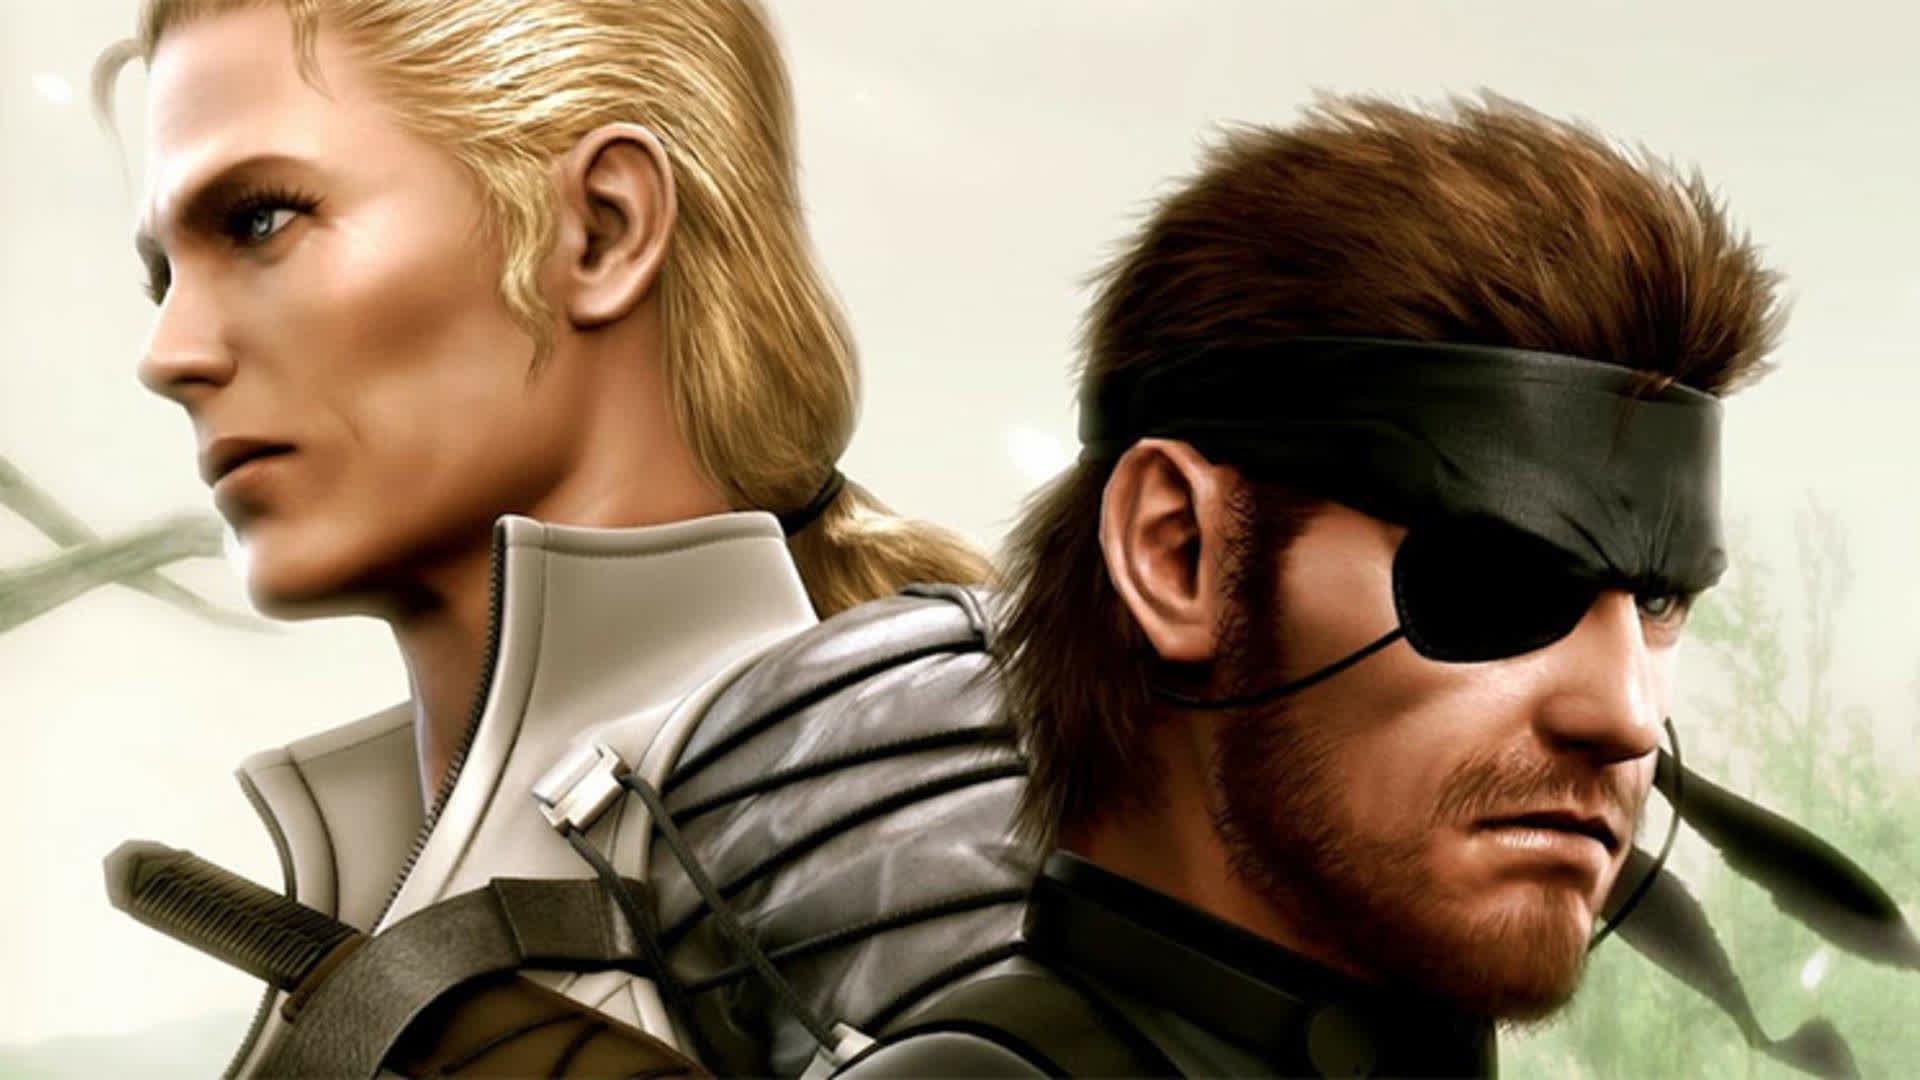 Le remake de Metal Gear Solid 3 semble de plus